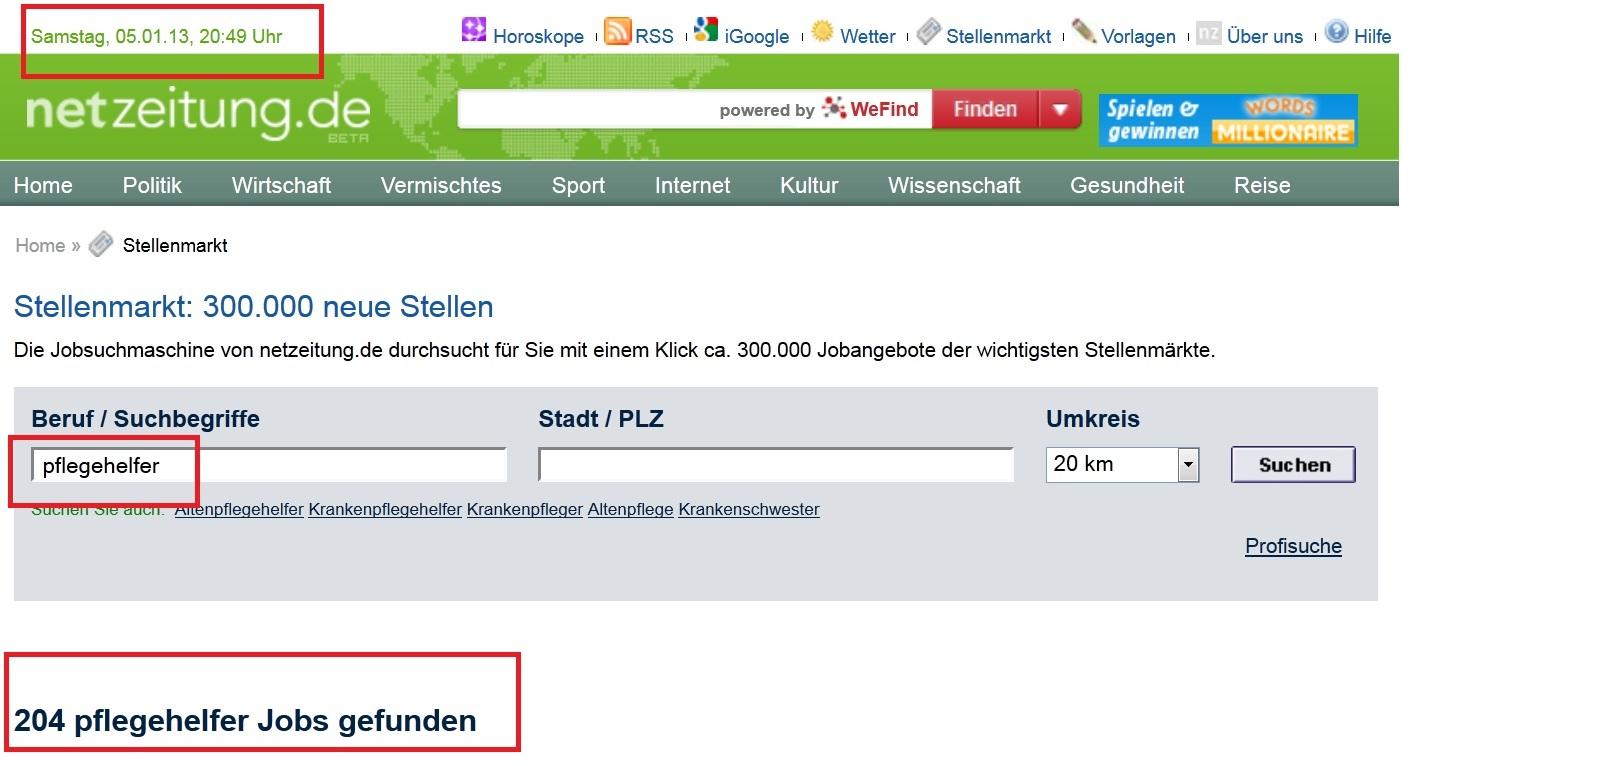 jobsuche als handzettel in briefk sten erlaubt erwerbslosen forum deutschland forum. Black Bedroom Furniture Sets. Home Design Ideas